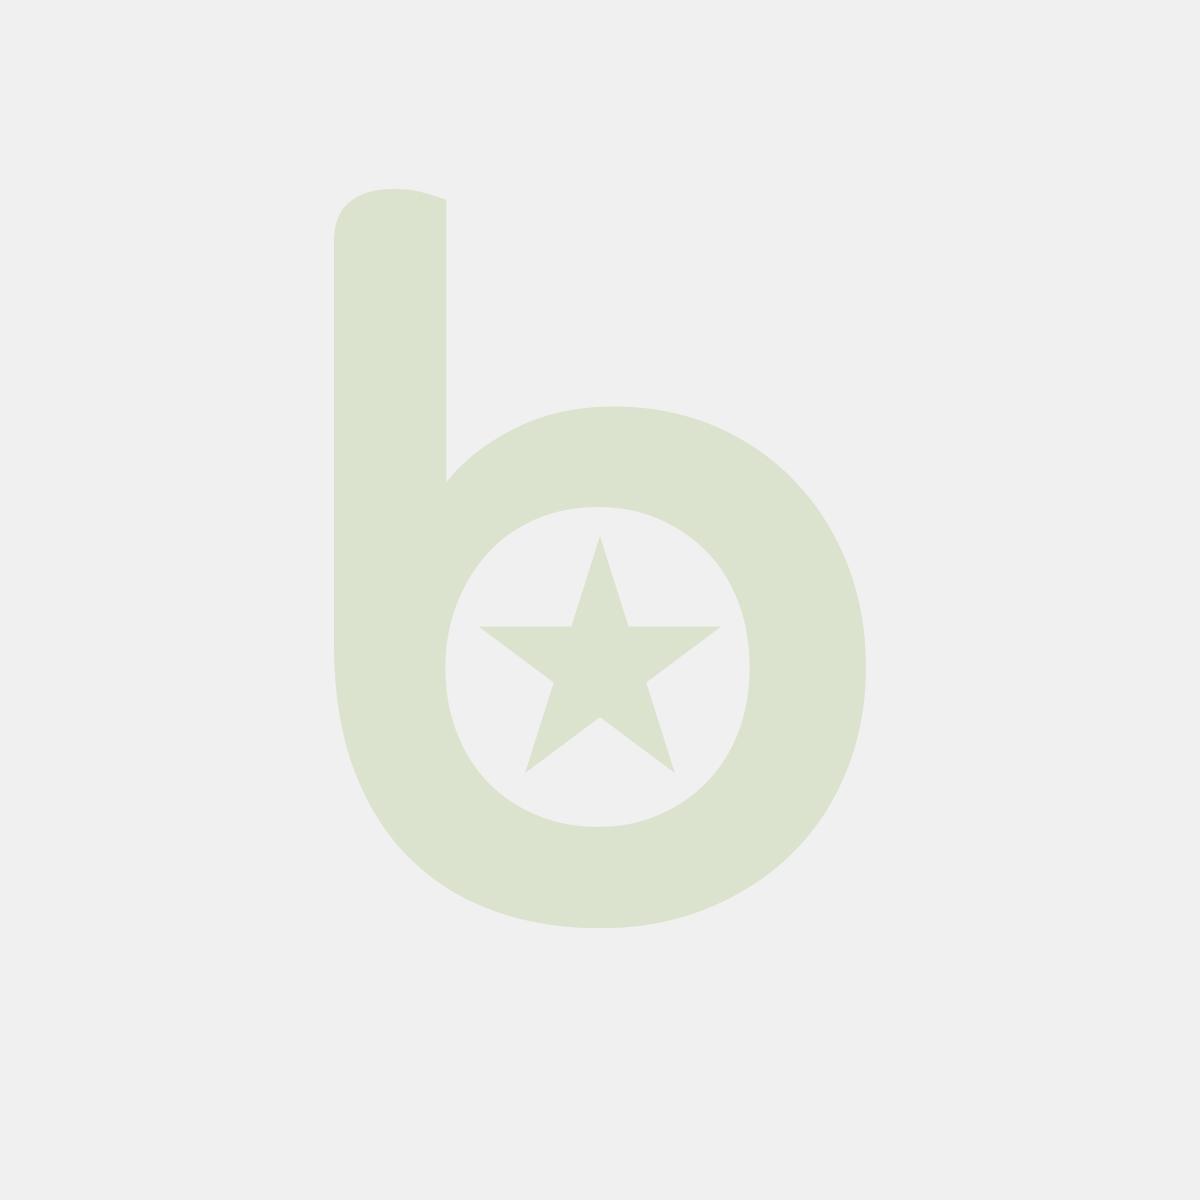 Stojak do dozowników - dł. 310 mm - kod 598702